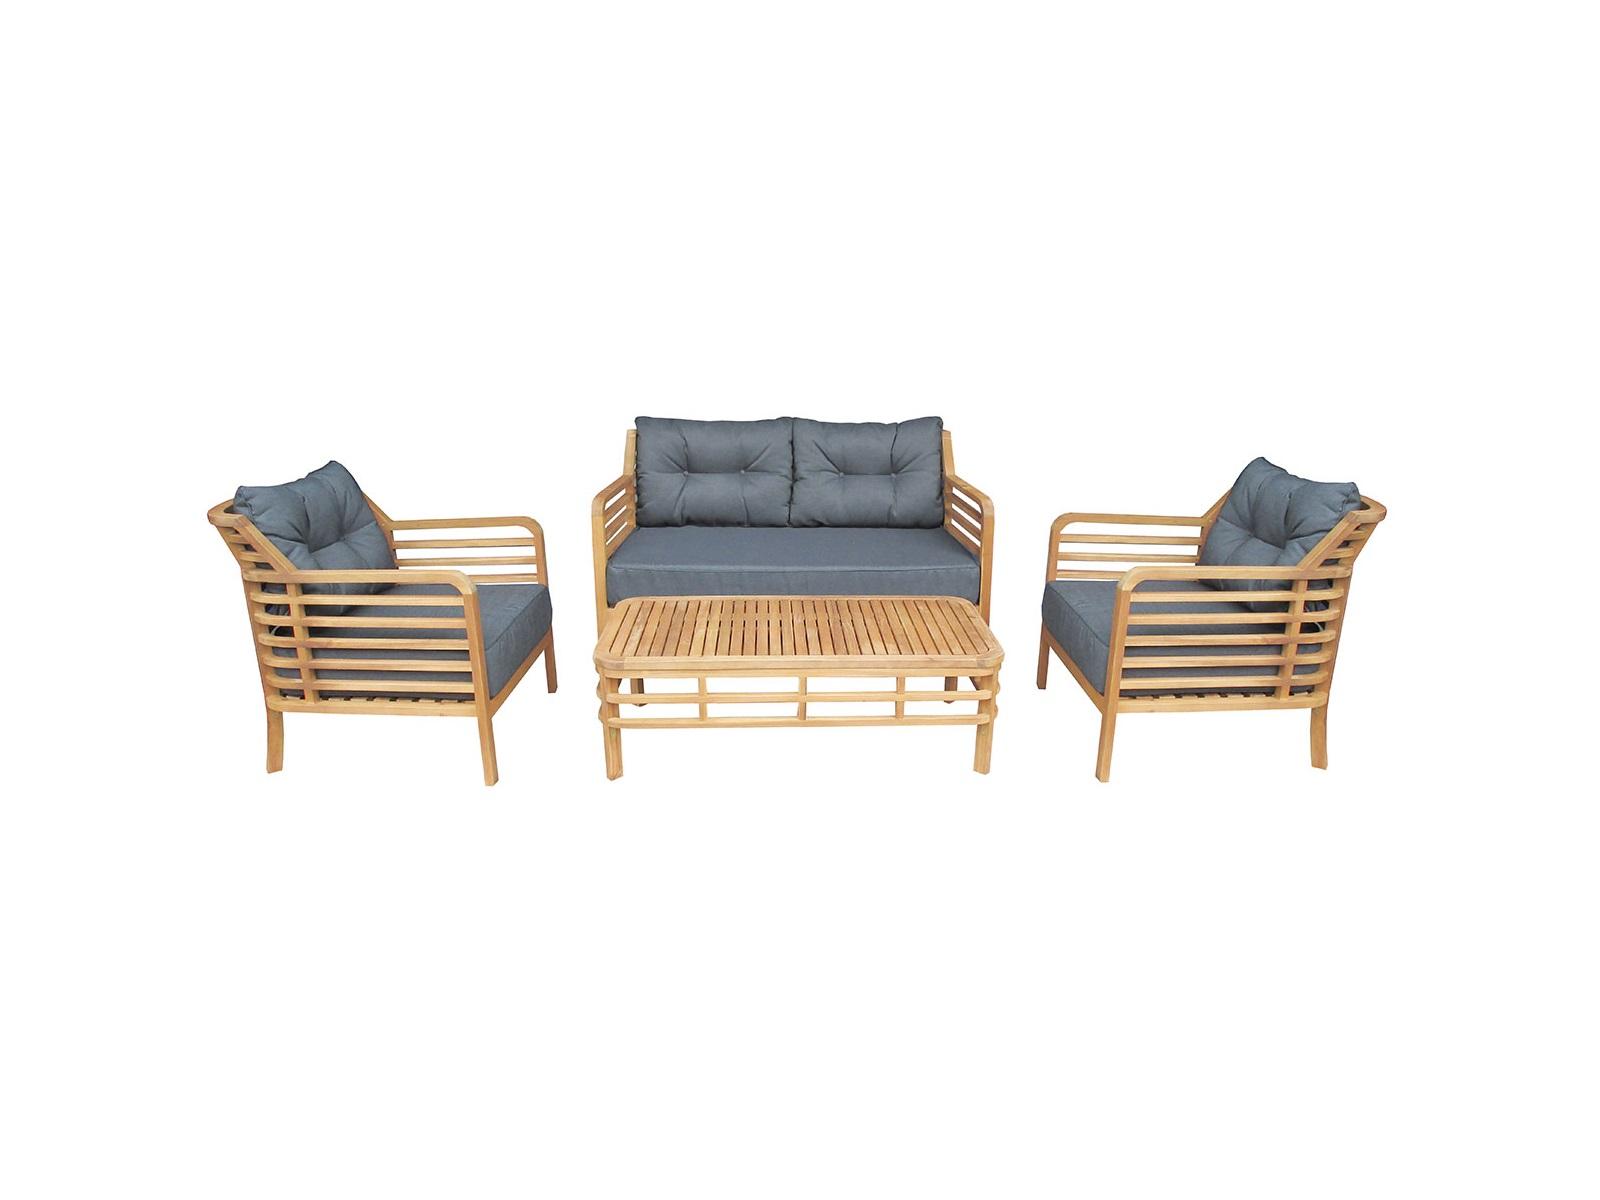 Комплект ColoradoКомплекты уличной мебели<br>Colorado включает два кресла, двухместный диван и стол. Комплект изготовлен из акации, окрашенной в цвет &amp;quot;тик&amp;quot;.<br>Подушки входят в стоимость данного комплекта.&amp;lt;div&amp;gt;&amp;lt;br&amp;gt;&amp;lt;/div&amp;gt;&amp;lt;div&amp;gt;Размеры:&amp;lt;/div&amp;gt;&amp;lt;div&amp;gt;Кресло:<br>Длина: 79,5 см; Ширина: 72 см; Высота: 75 см;&amp;lt;/div&amp;gt;&amp;lt;div&amp;gt;Стол:<br>Длина: 110 см; Ширина: 60 см; Высота: 35 см;&amp;lt;/div&amp;gt;<br><br>Material: Дерево